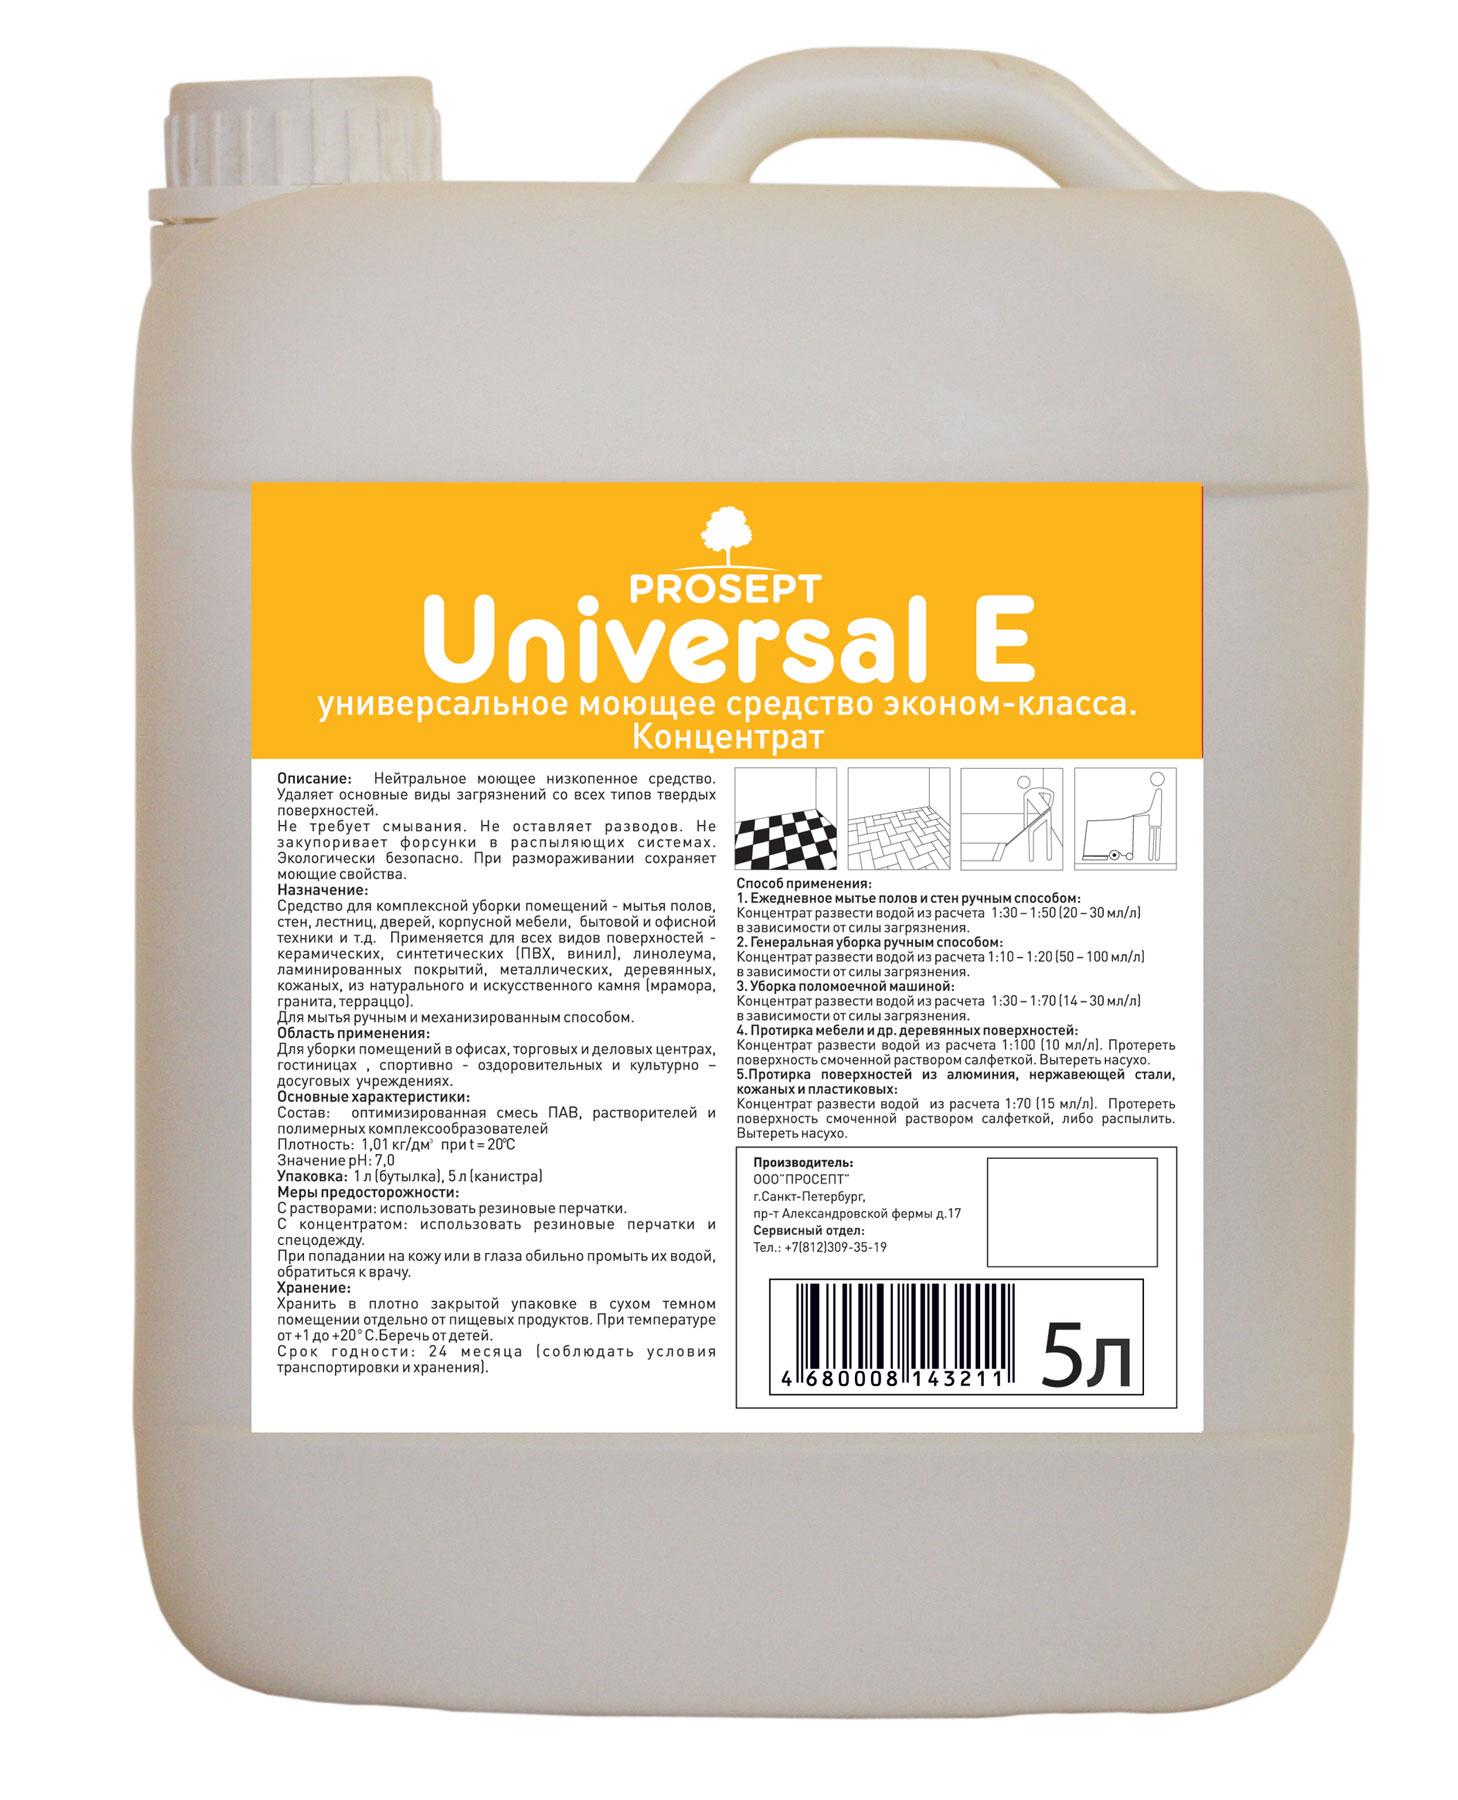 Universal E. 5 л. Универсальное моющее средство эконом-класса Prosept